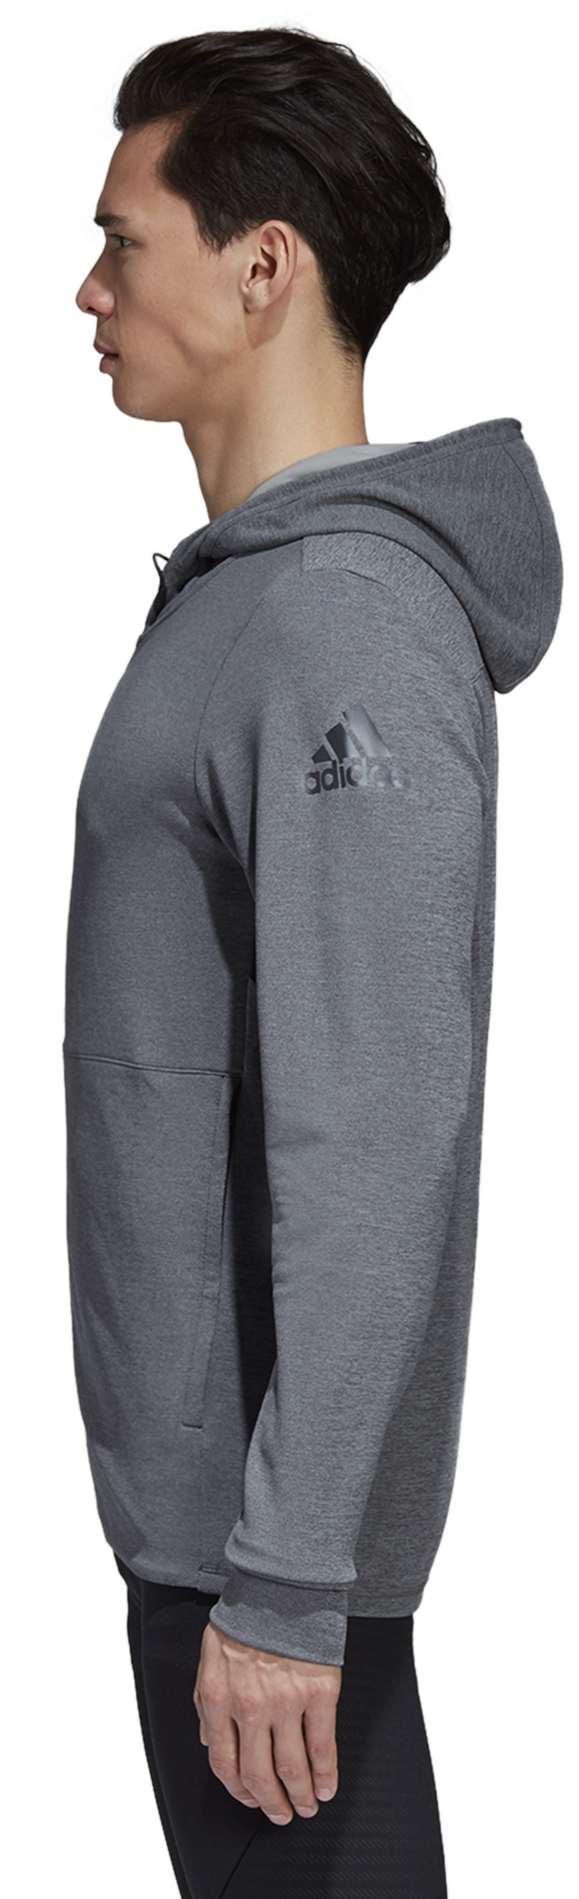 huge discount 7a497 c3f98 adidas WO FZ CLIMACOOL | sportisimo.com